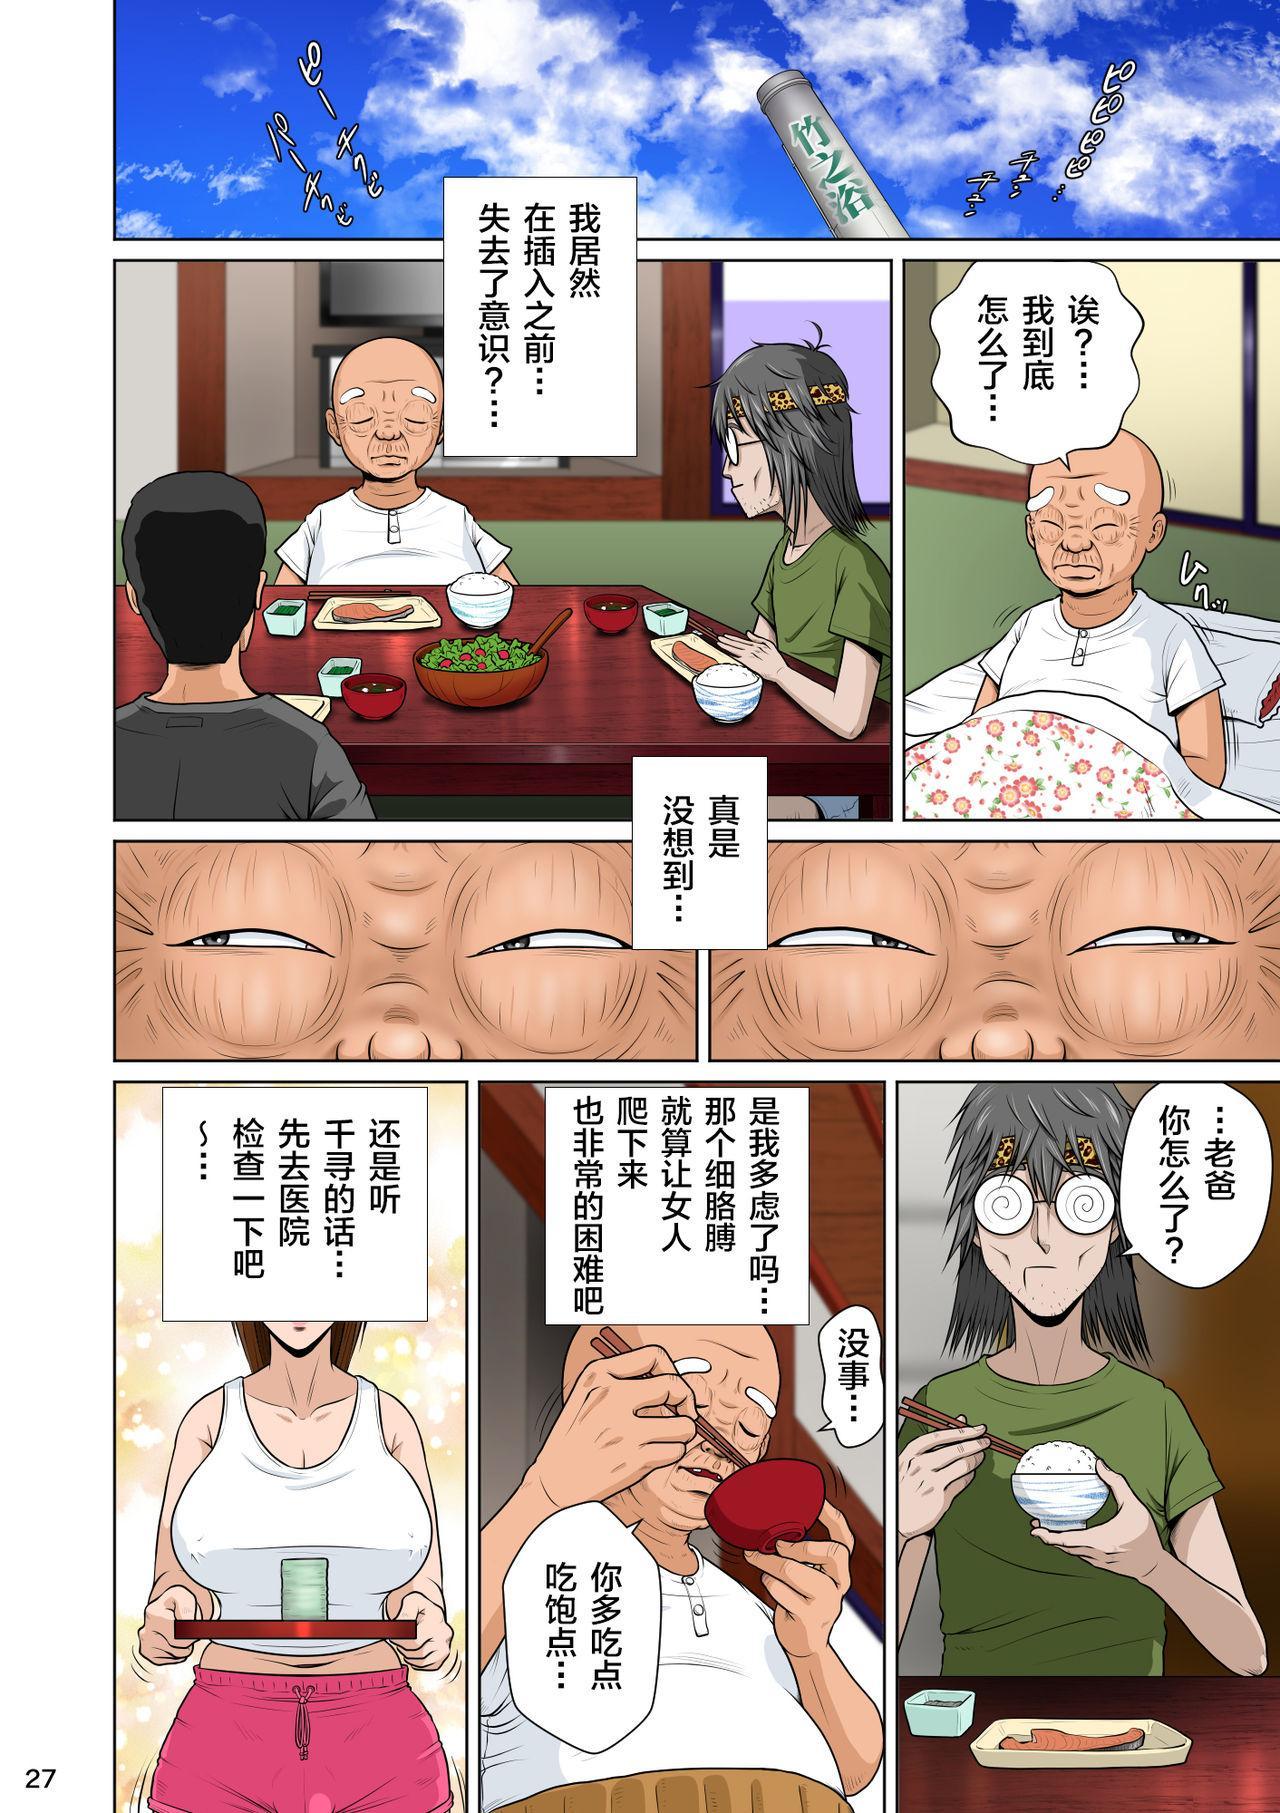 Akasuri Yubana no Chizuru-san Ha no Shou 28